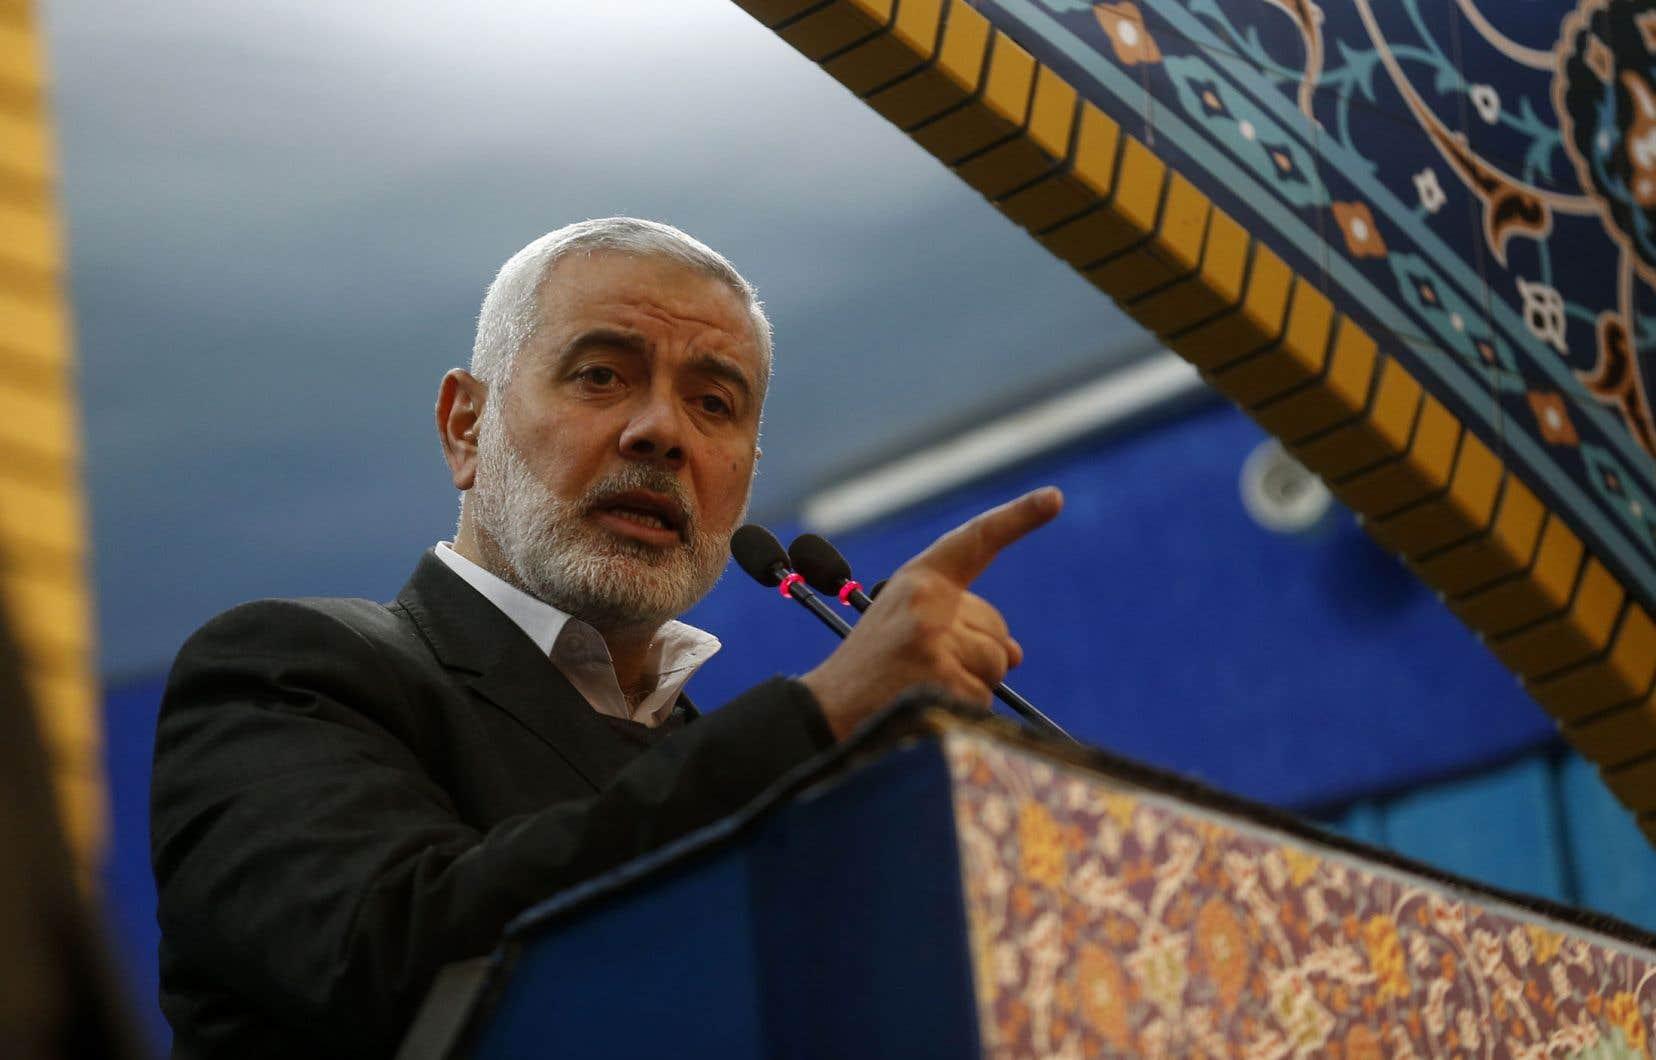 Ismaïl Haniyeh, chef du mouvement islamiste Hamas, au pouvoir dans la bande de Gaza, a appelé les autres «factions palestiniennes» à une réunion rapide auCaire, en Égypte, pour coordonner leur réponse au plan américain de paix au Moyen-Orient.